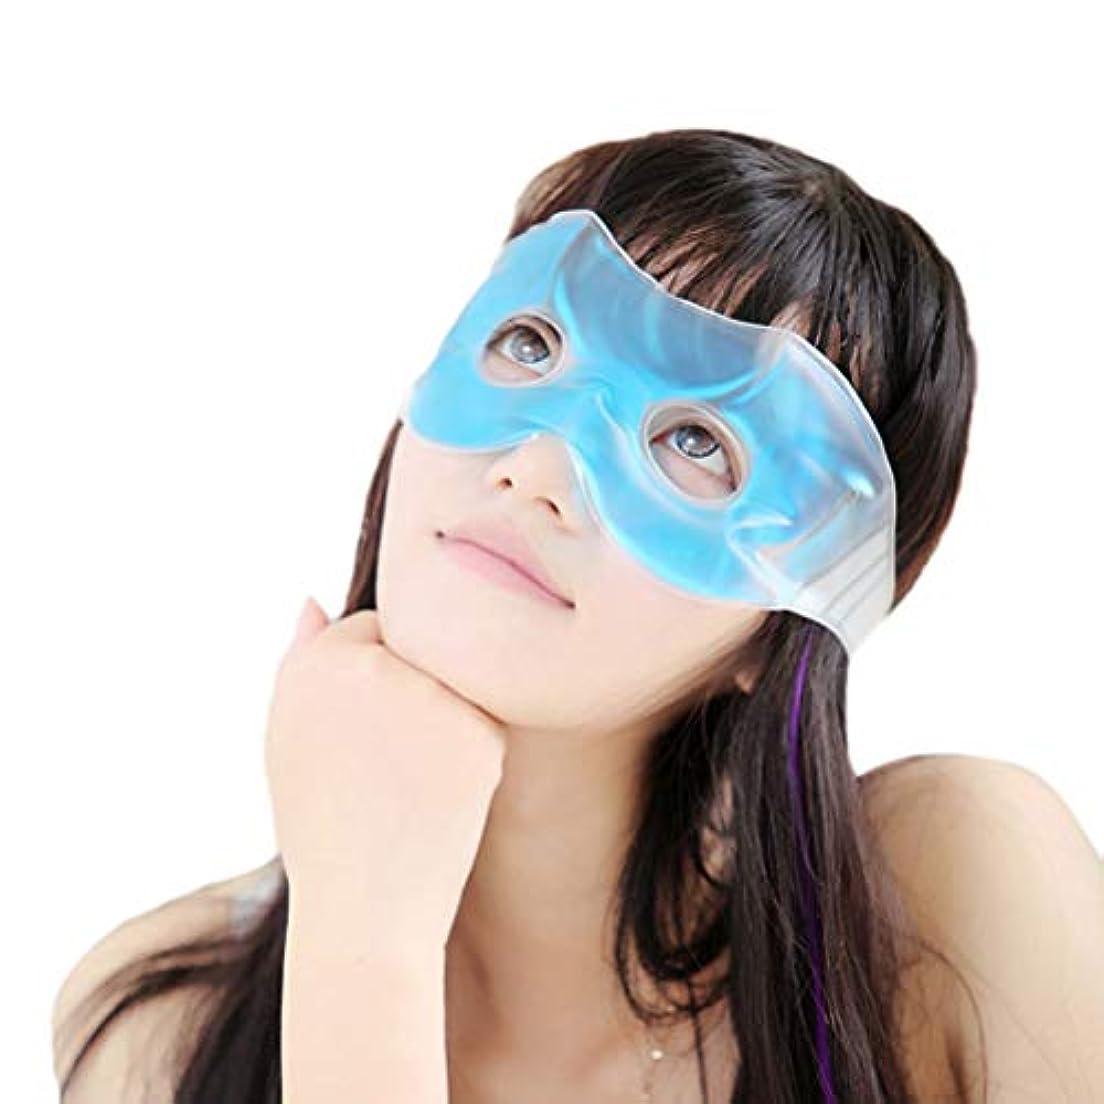 近所のレンチメンターHealifty アイマスク ゲル アイスパッド アイスアイマスク 目隠し リラックス 冷却 パック 再使用可能 目の疲れ軽減 安眠 血行促進